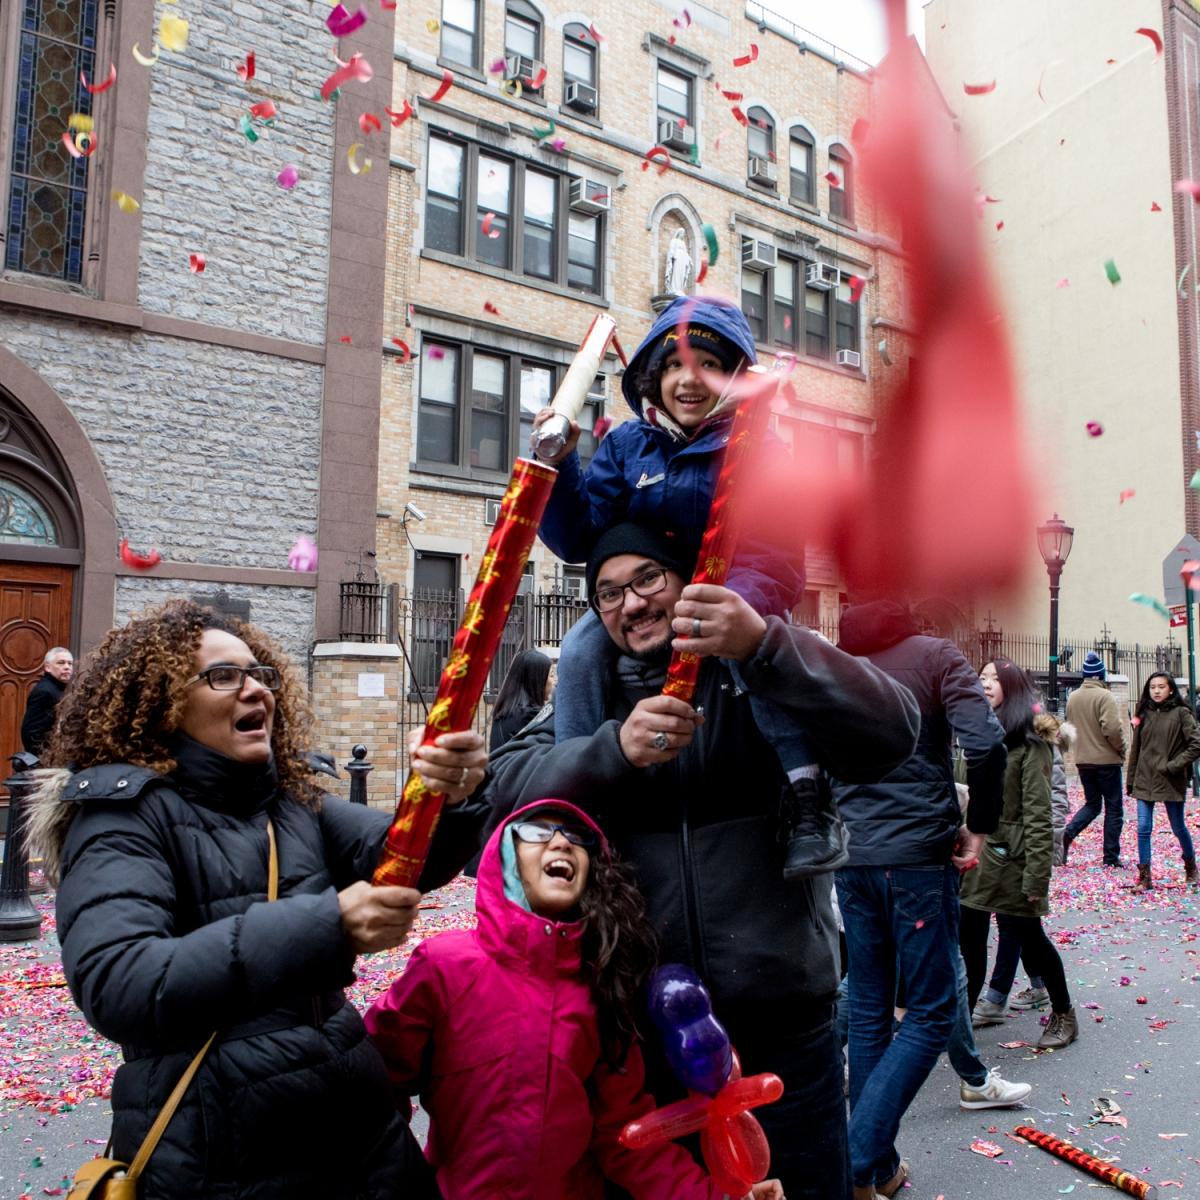 美國春節好熱鬧    ----紐約曼哈頓唐人街大年初一 20170128_图1-35